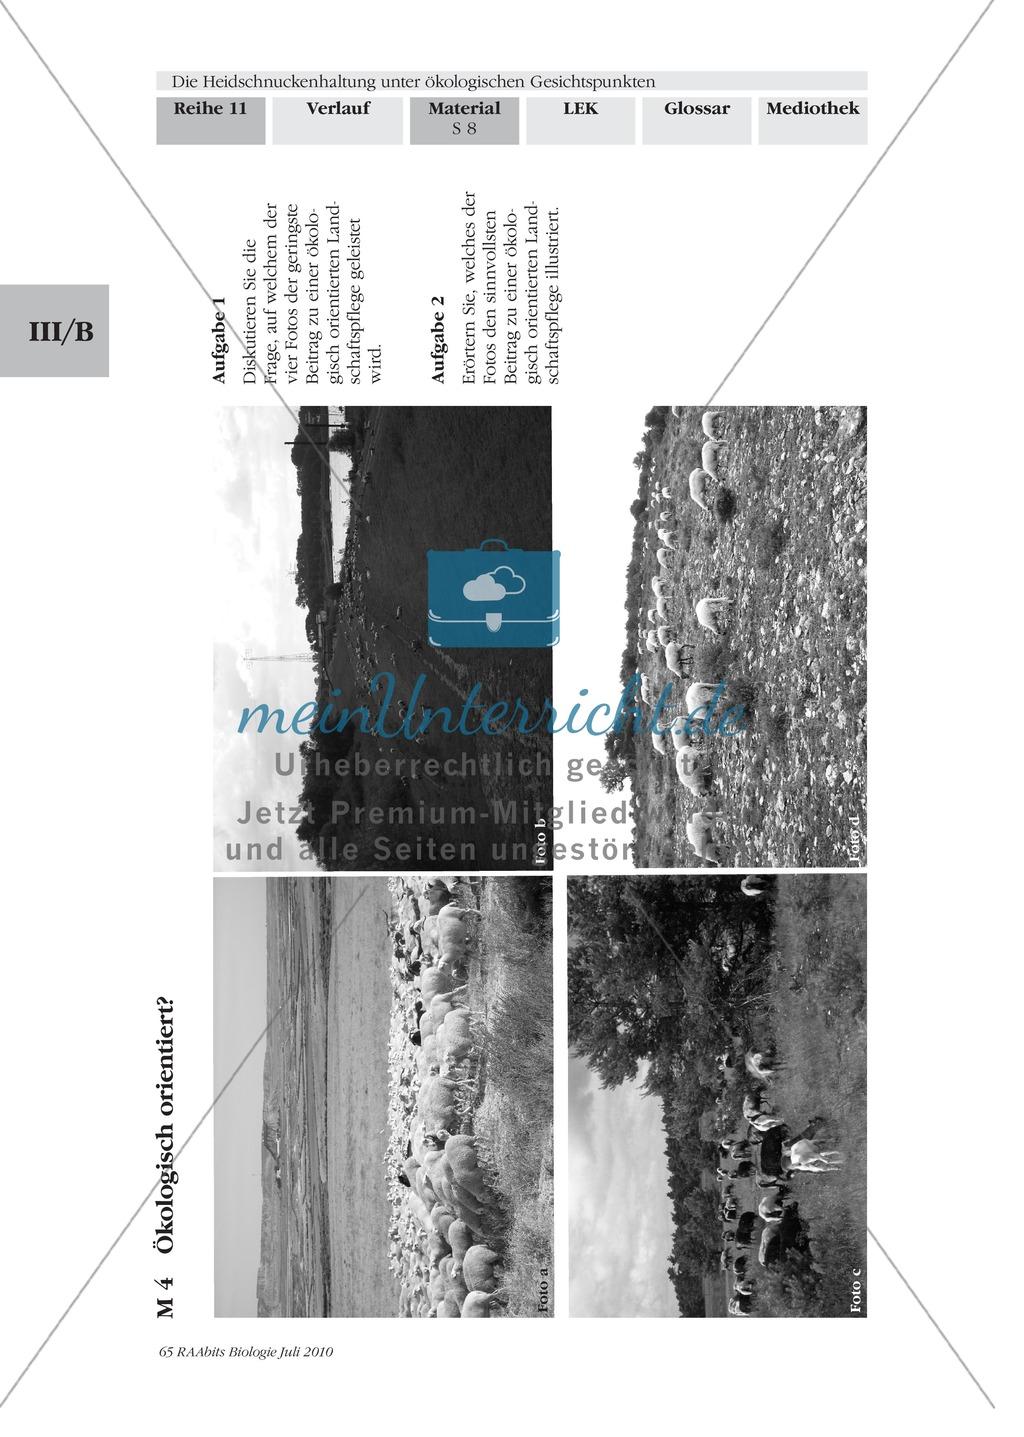 Das Ökosystem Heide und die Rolle der Heidschnucken bei der Beweidung Preview 0